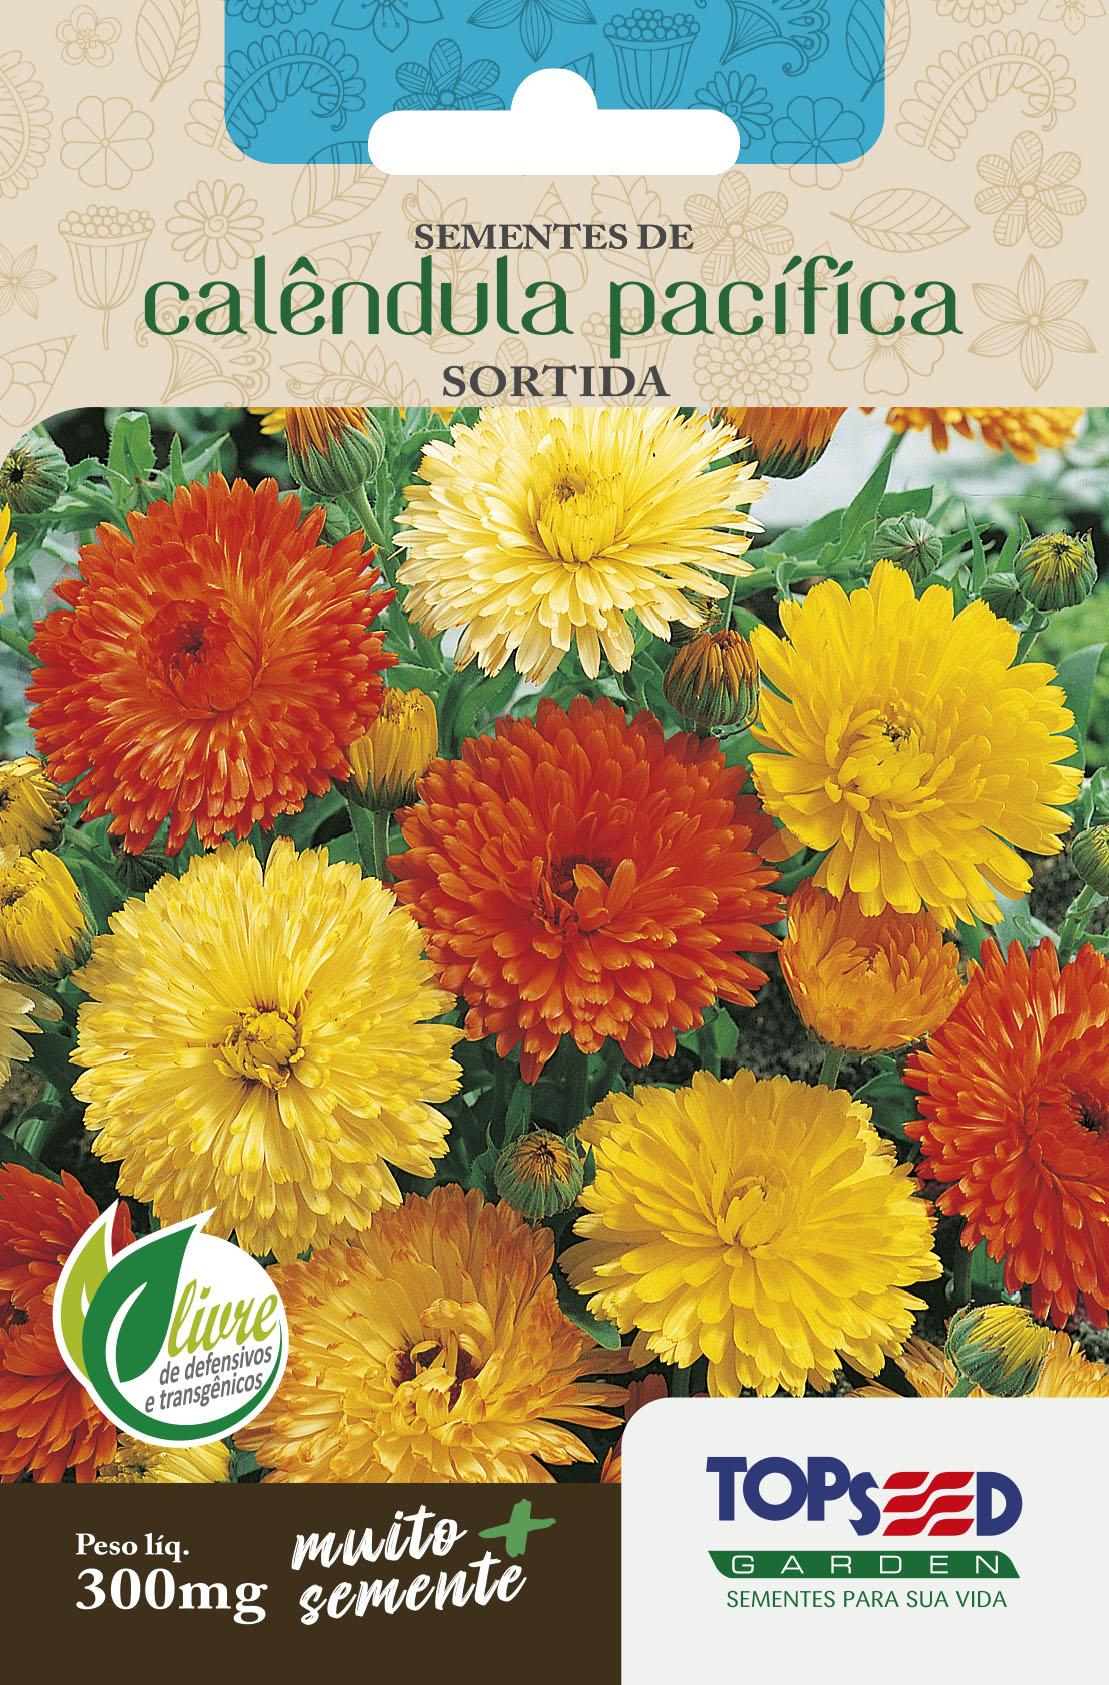 girassol anao de jardim:TRADICIONAL FLORES SEMENTE CALÊNDULA PACÍFICA SORTIDA